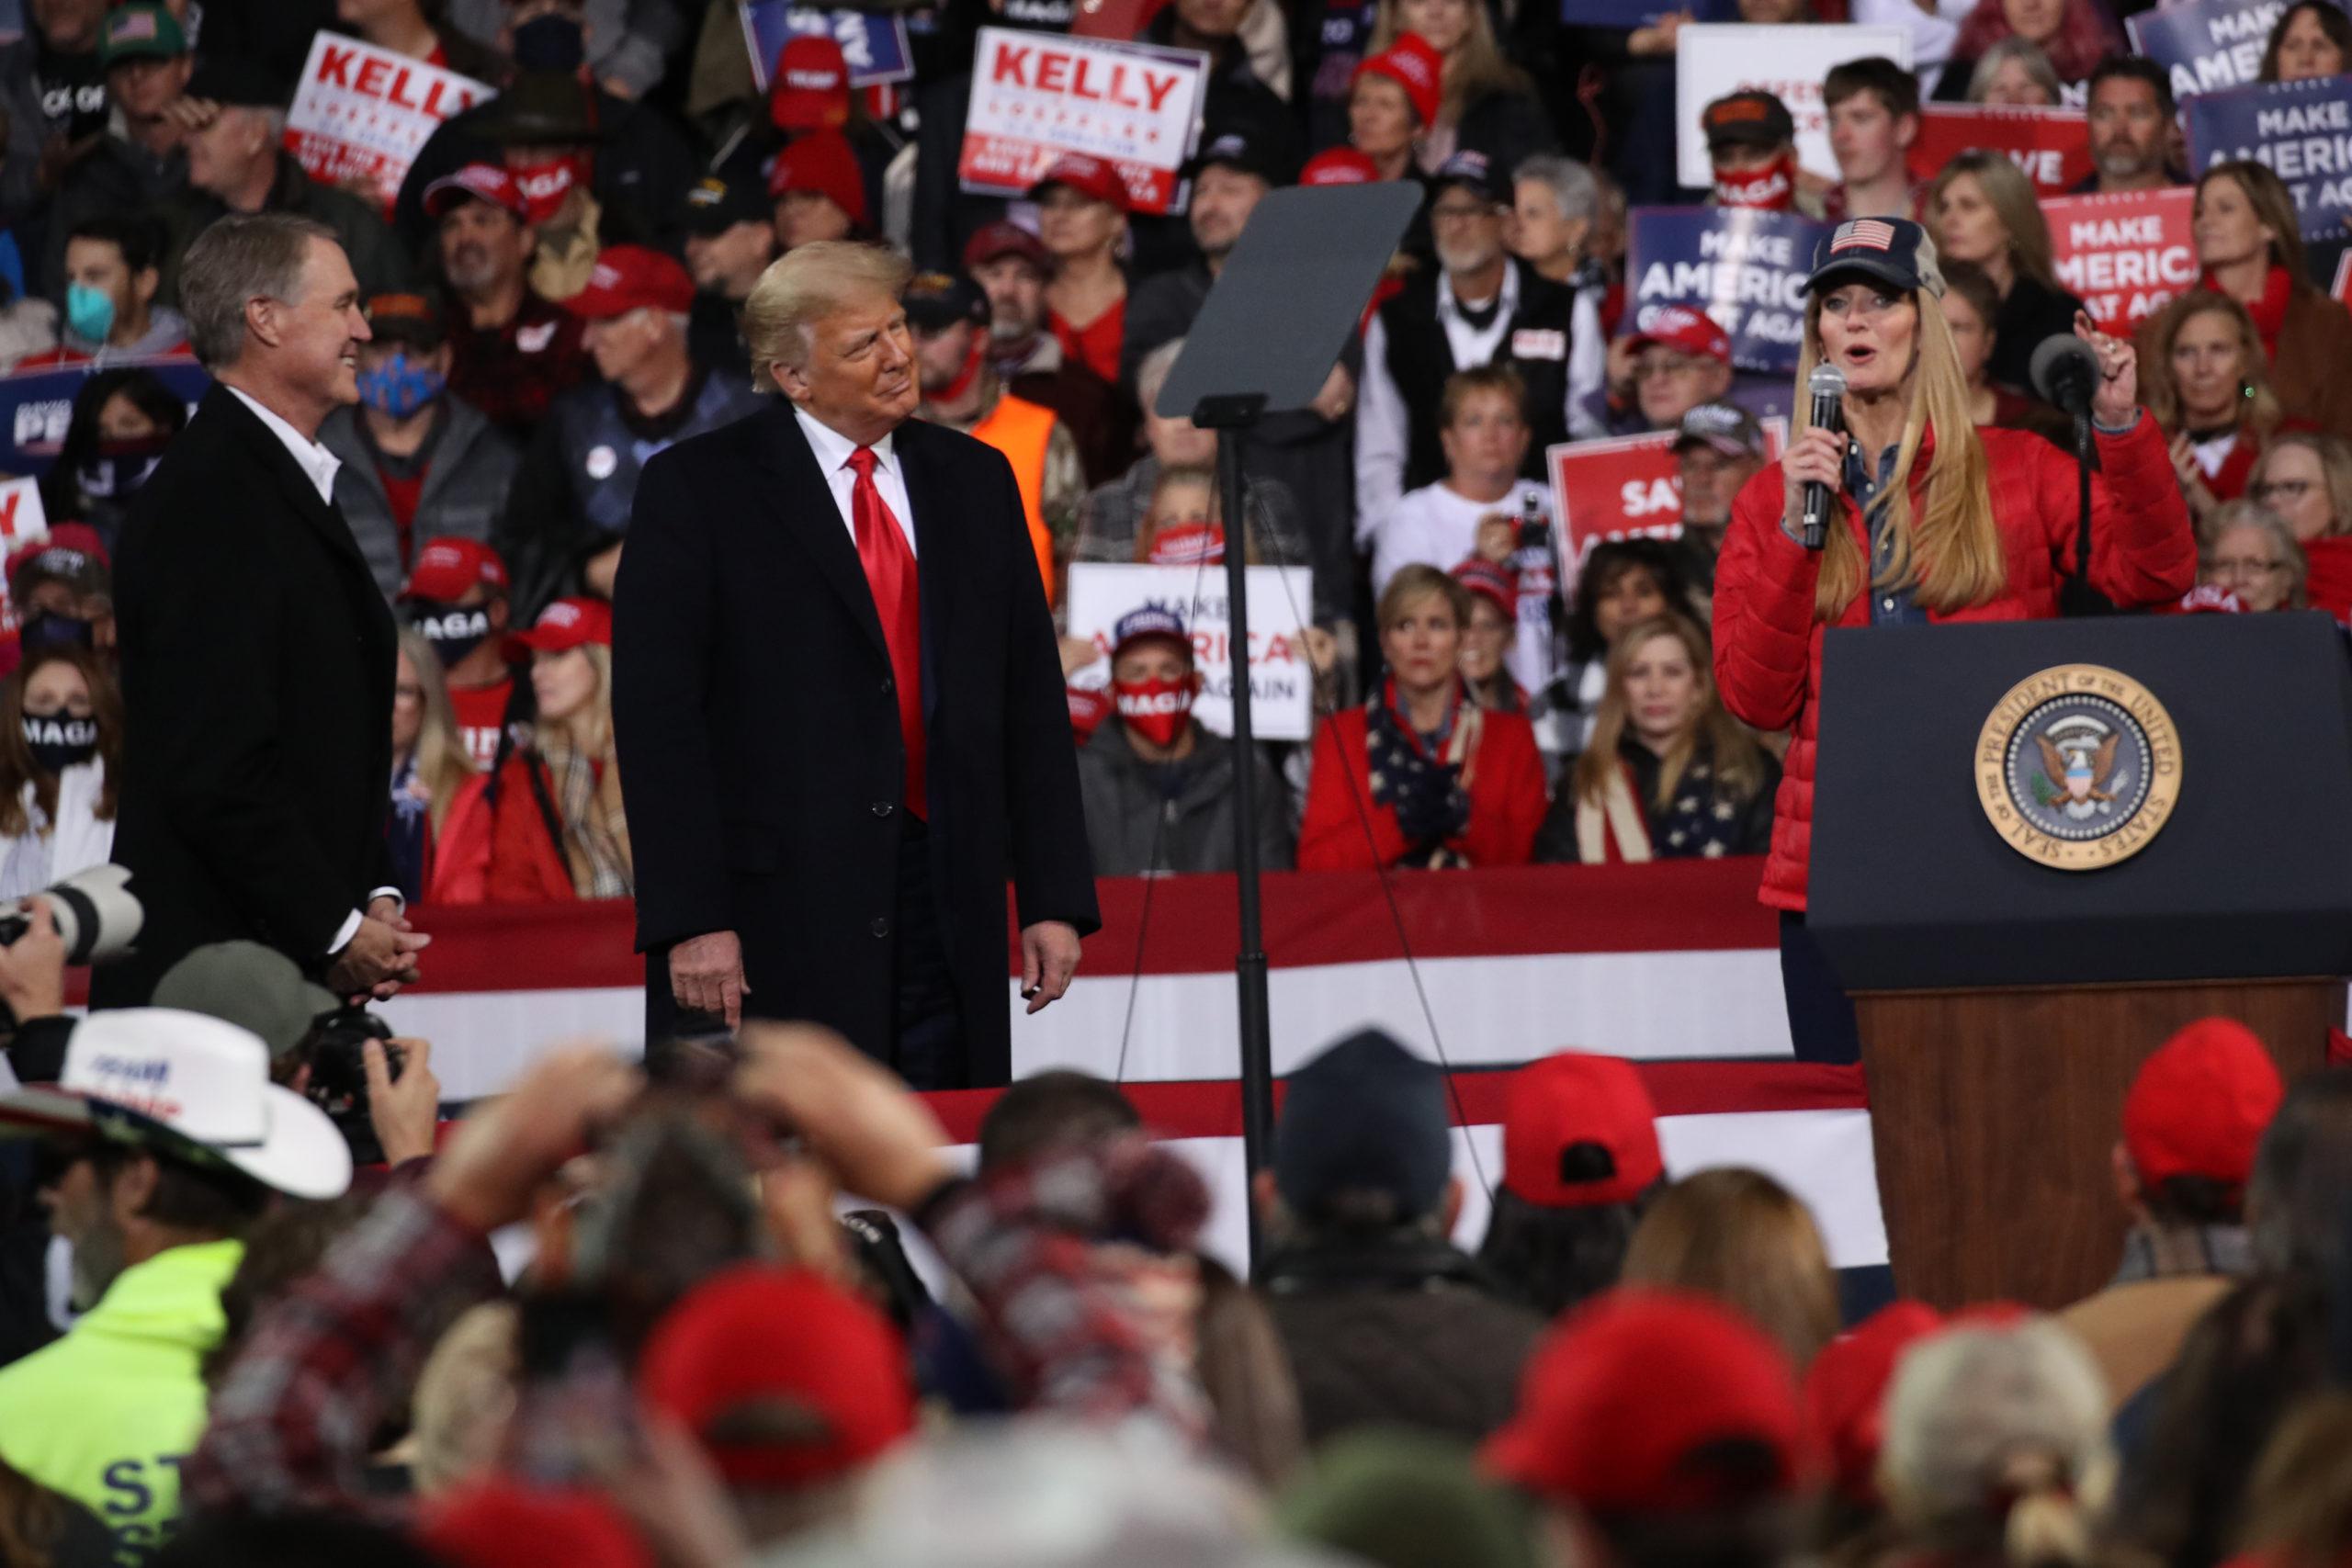 President Donald Trump attends a rally in support of Sen. David Perdue and Sen. Kelly Loeffler on December 05, 2020 in Valdosta, Georgia. (Spencer Platt/Getty Images)